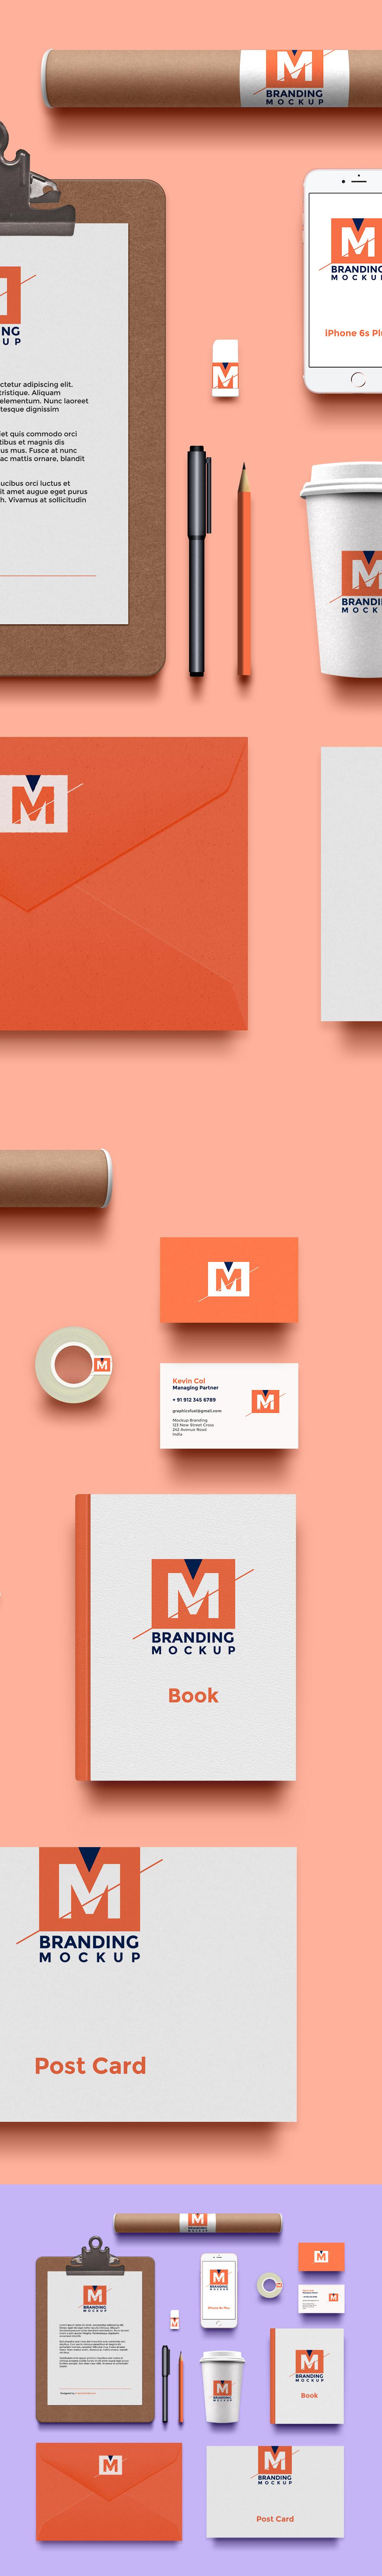 Free-Beautiful-Branding-Identity-Mockup-02